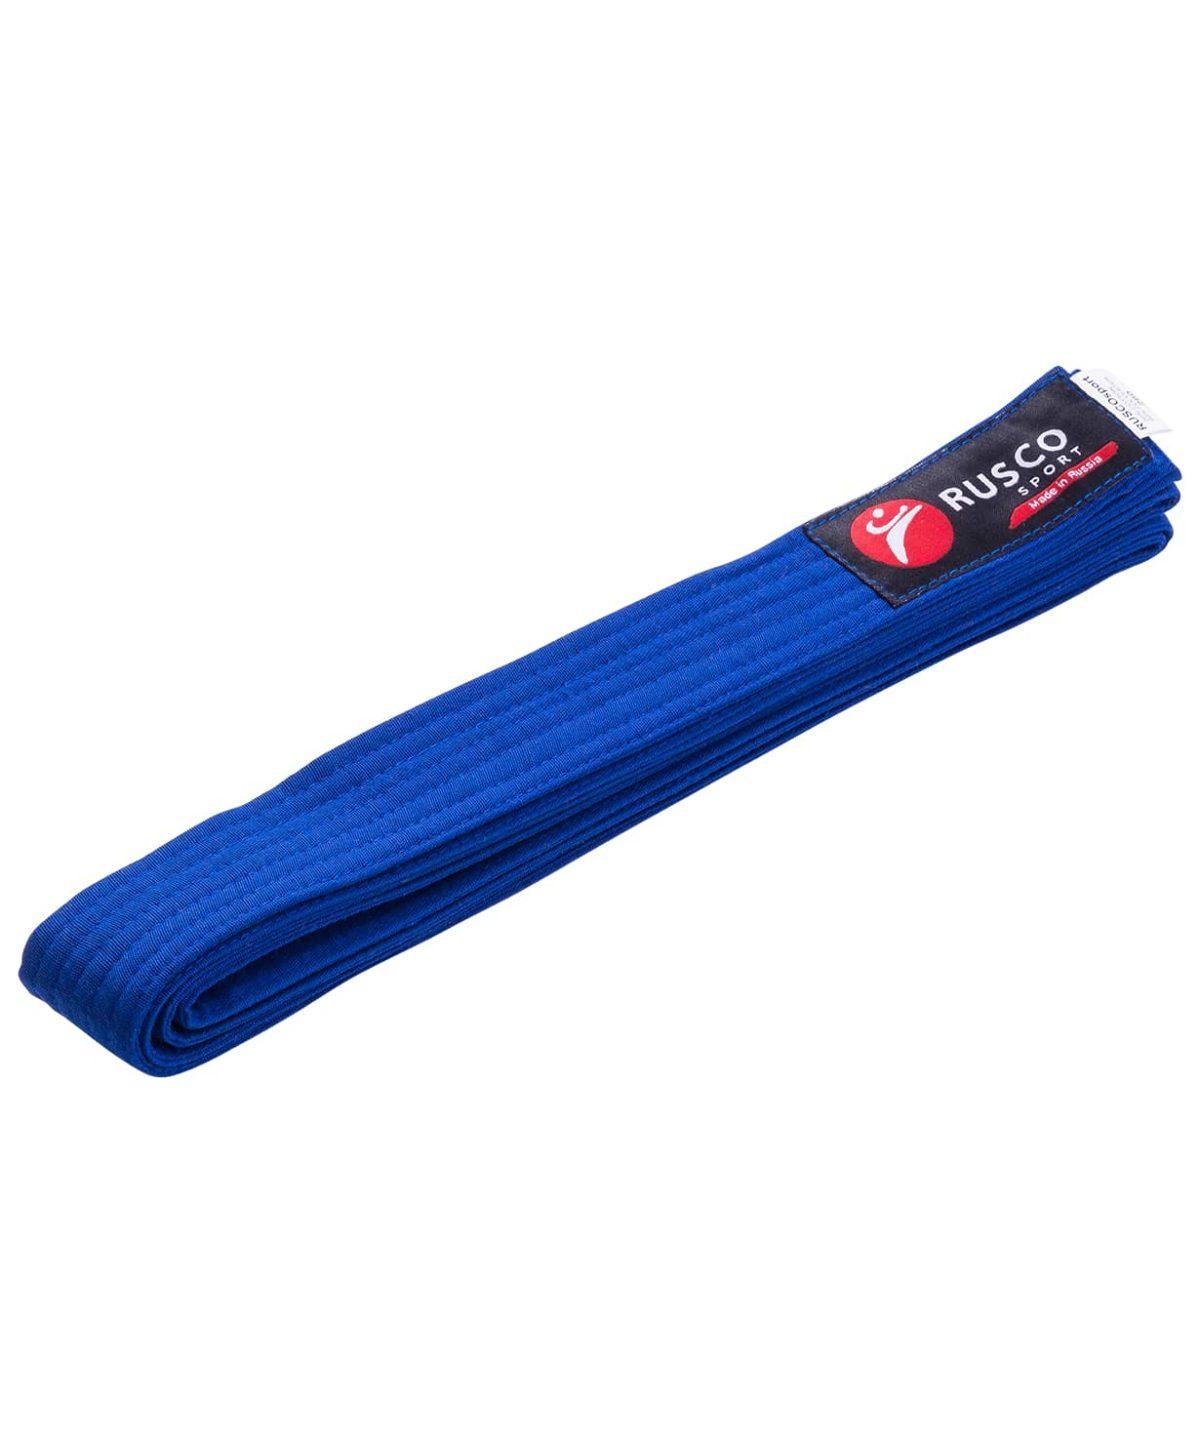 RUSCO Пояс для единоборств  10489: синий - 1